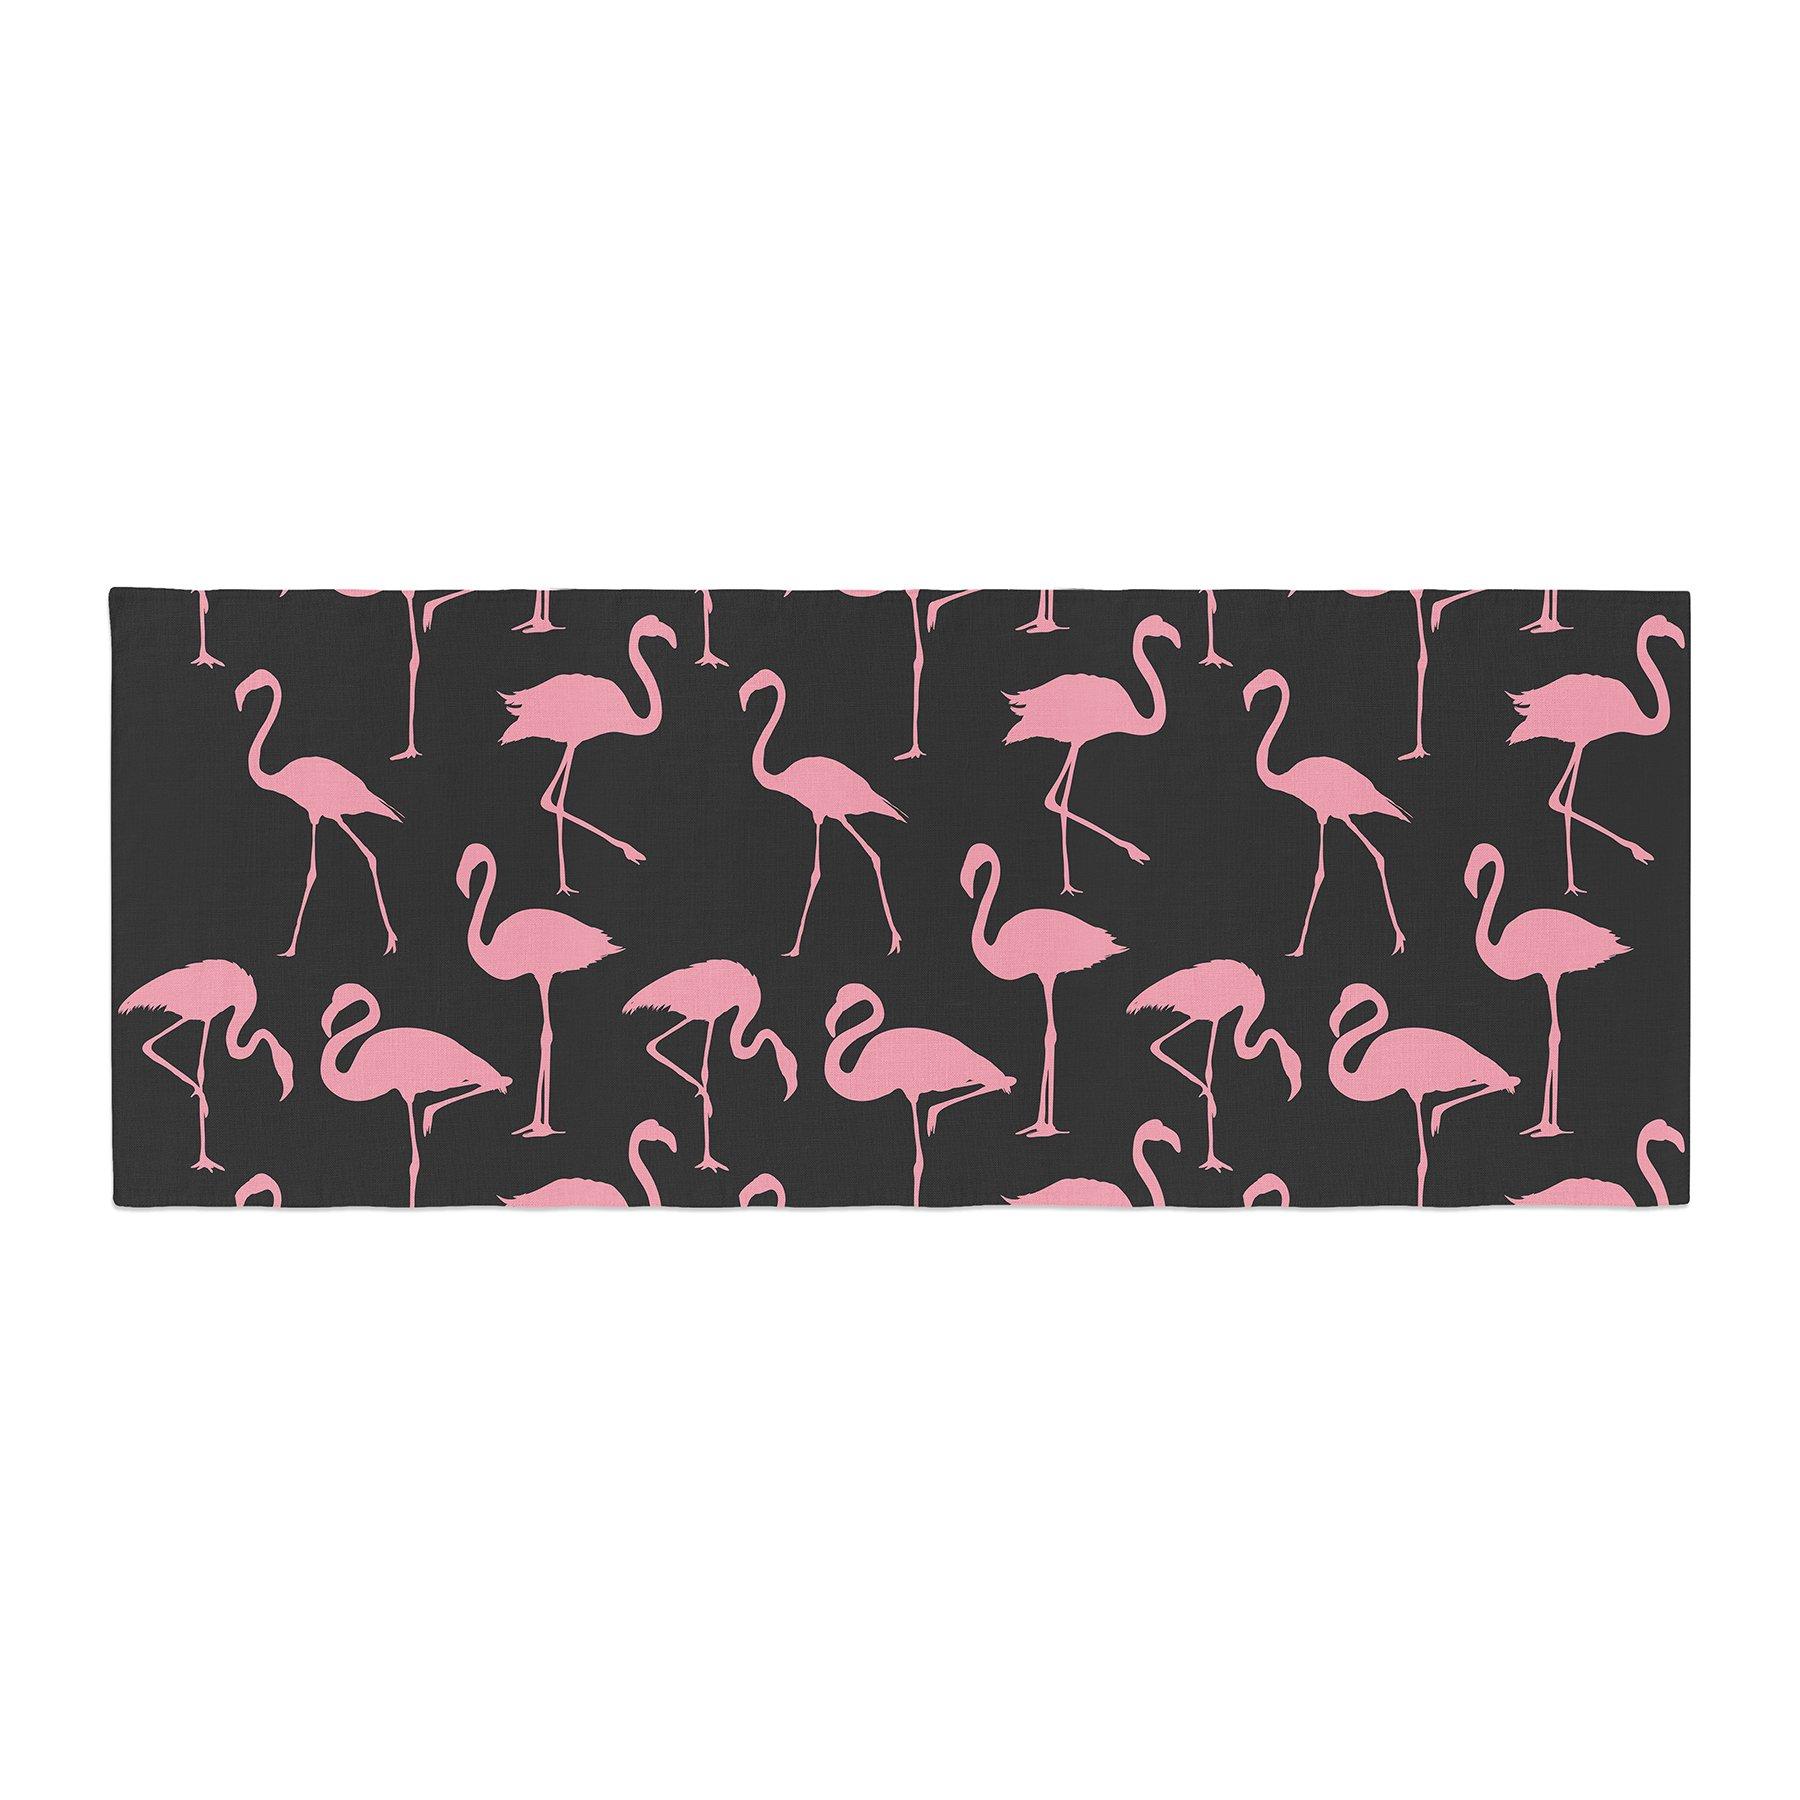 Kess InHouse Kess Original Pink On Black Illustration Animals Bed Runner, 34'' x 86''